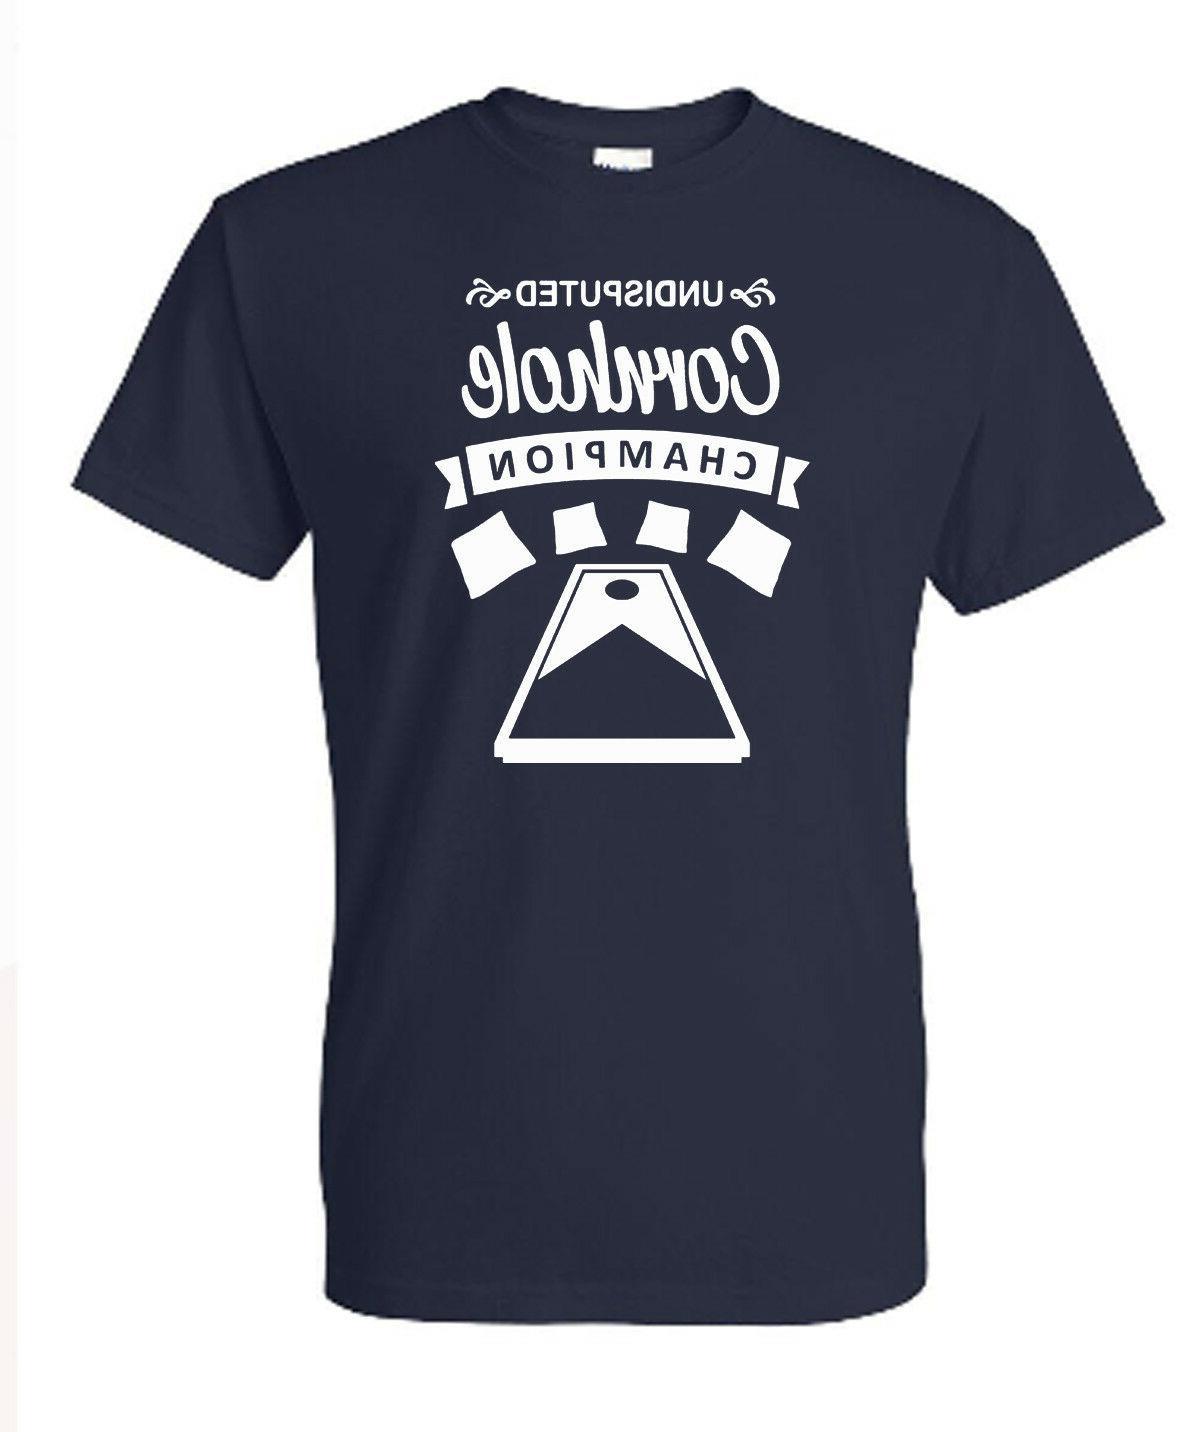 undisputed cornhole champion t shirt american cornhole